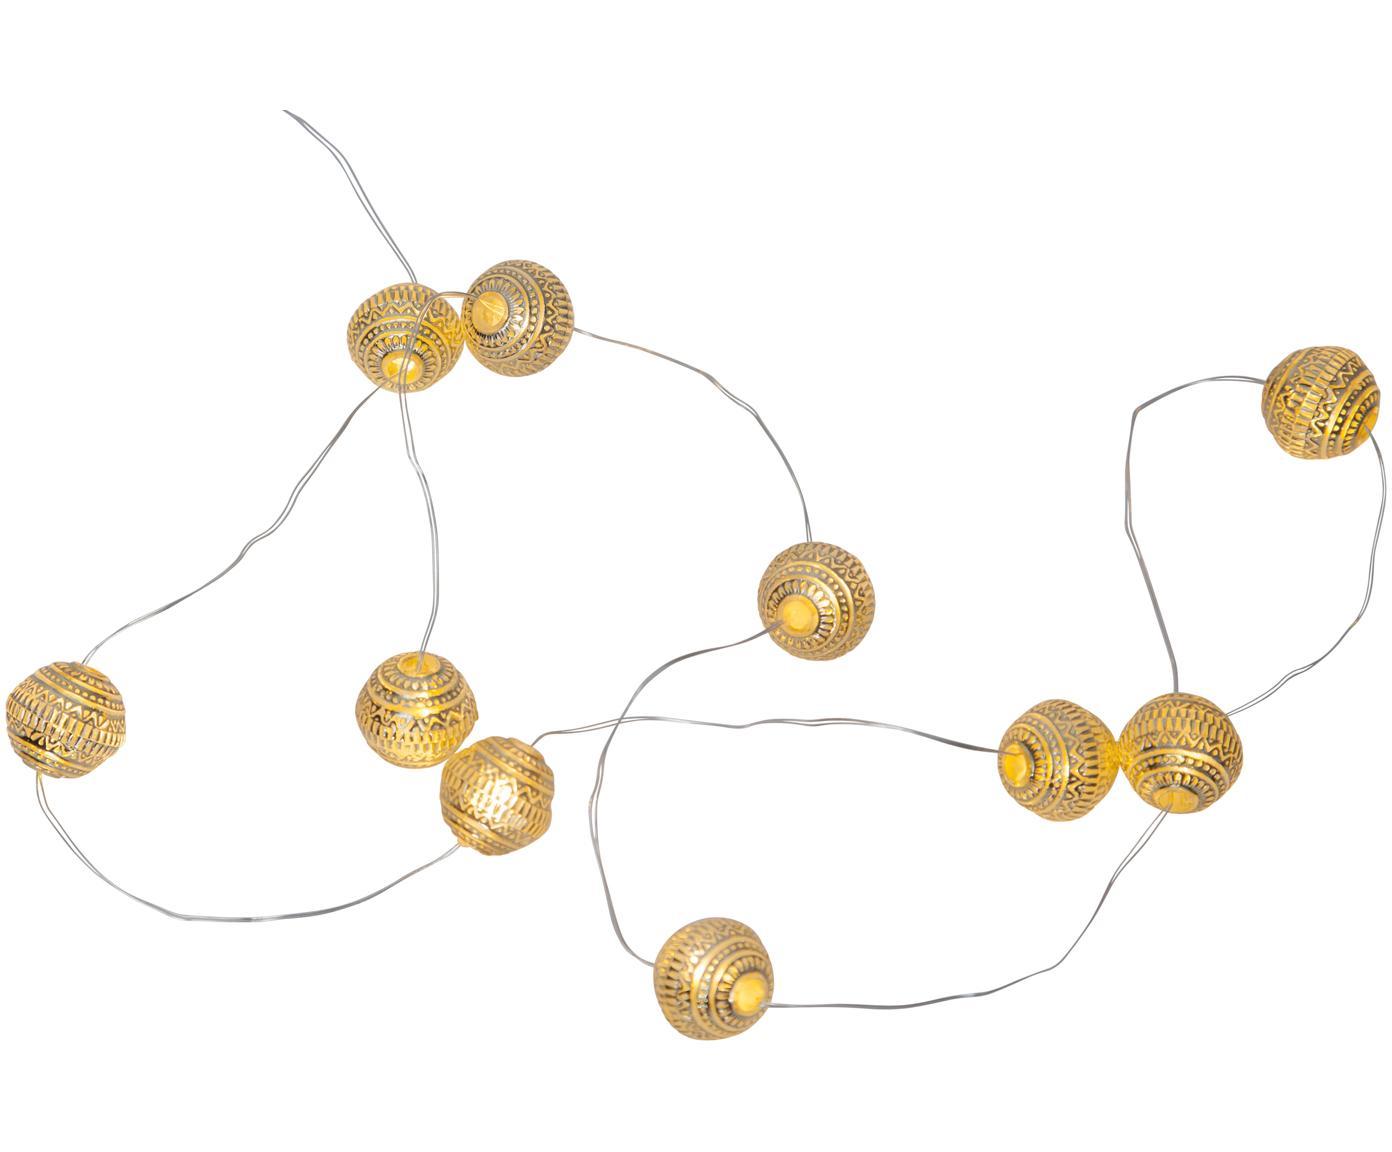 Girlanda świetlna LED Beads, 120 cm, Odcienie złotego, D 90 cm